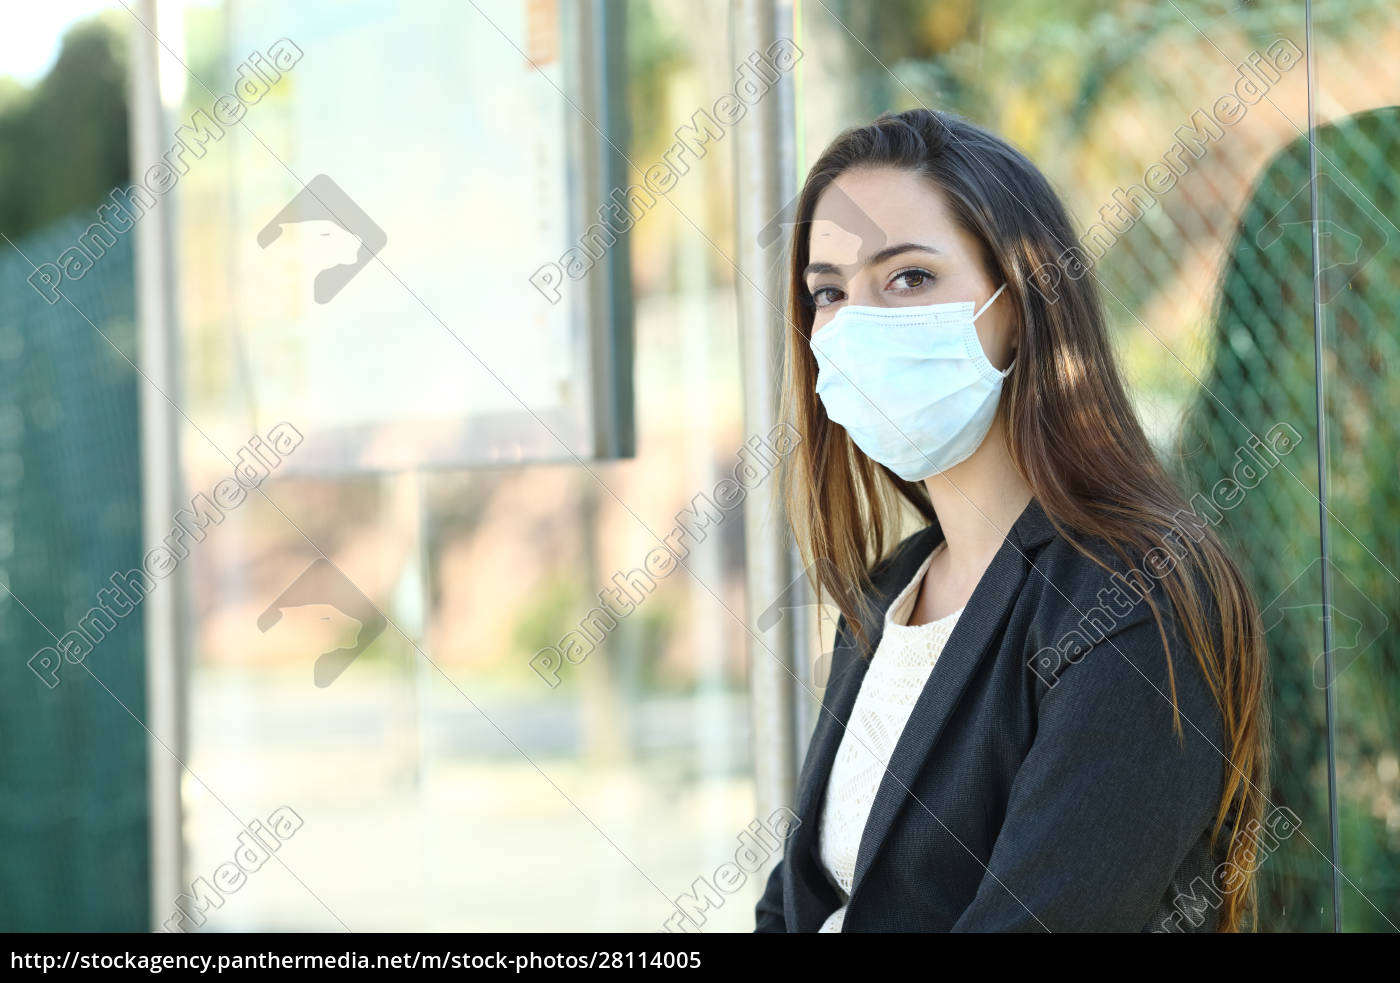 mulher, usando, uma, máscara, para, evitar - 28114005